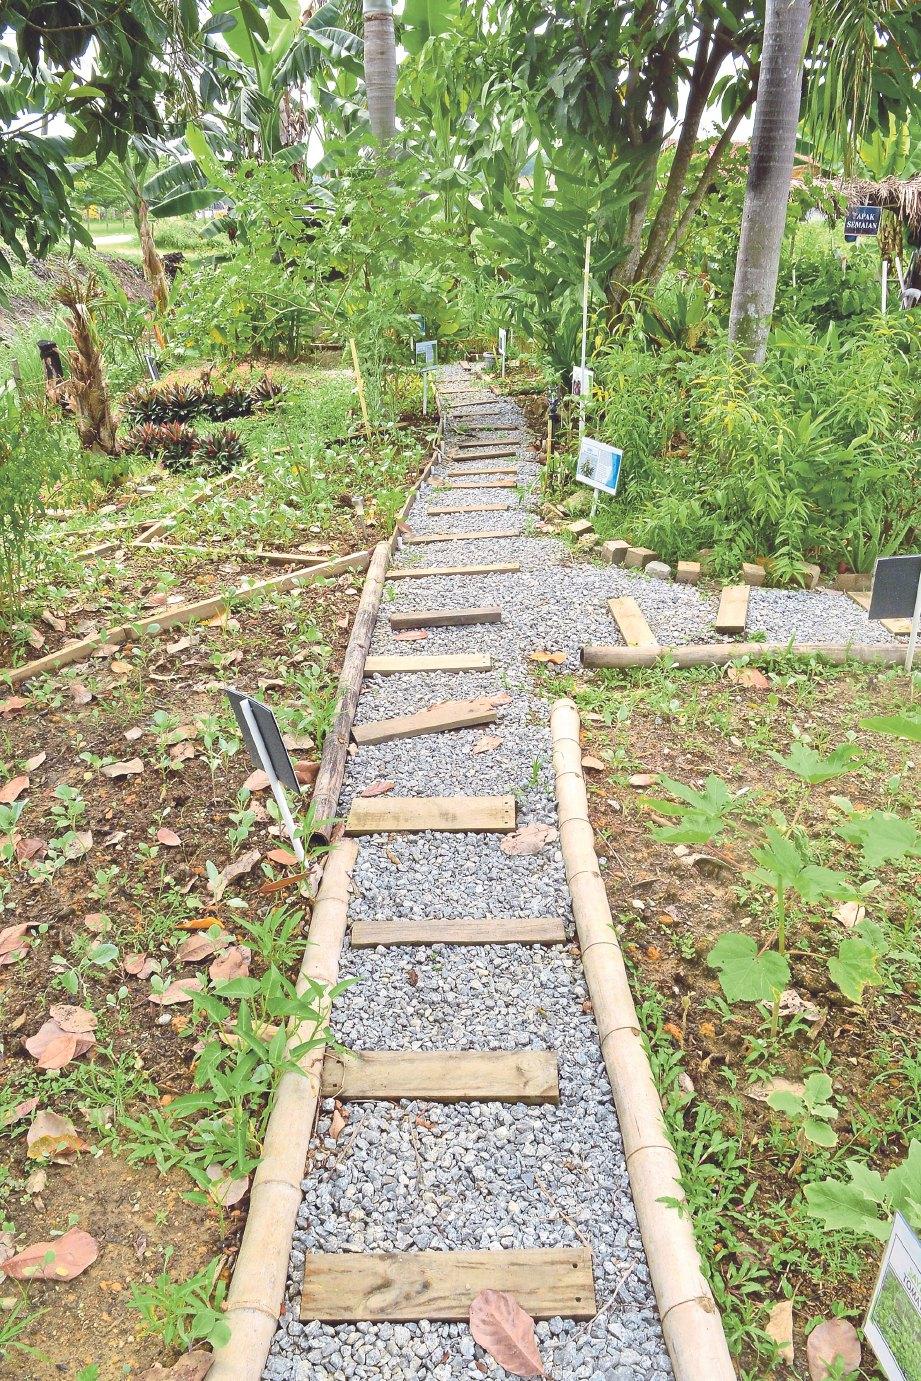 LAMAN herba diperindahkan dengan laluan pejalan kaki daripada kerikil dan buluh.